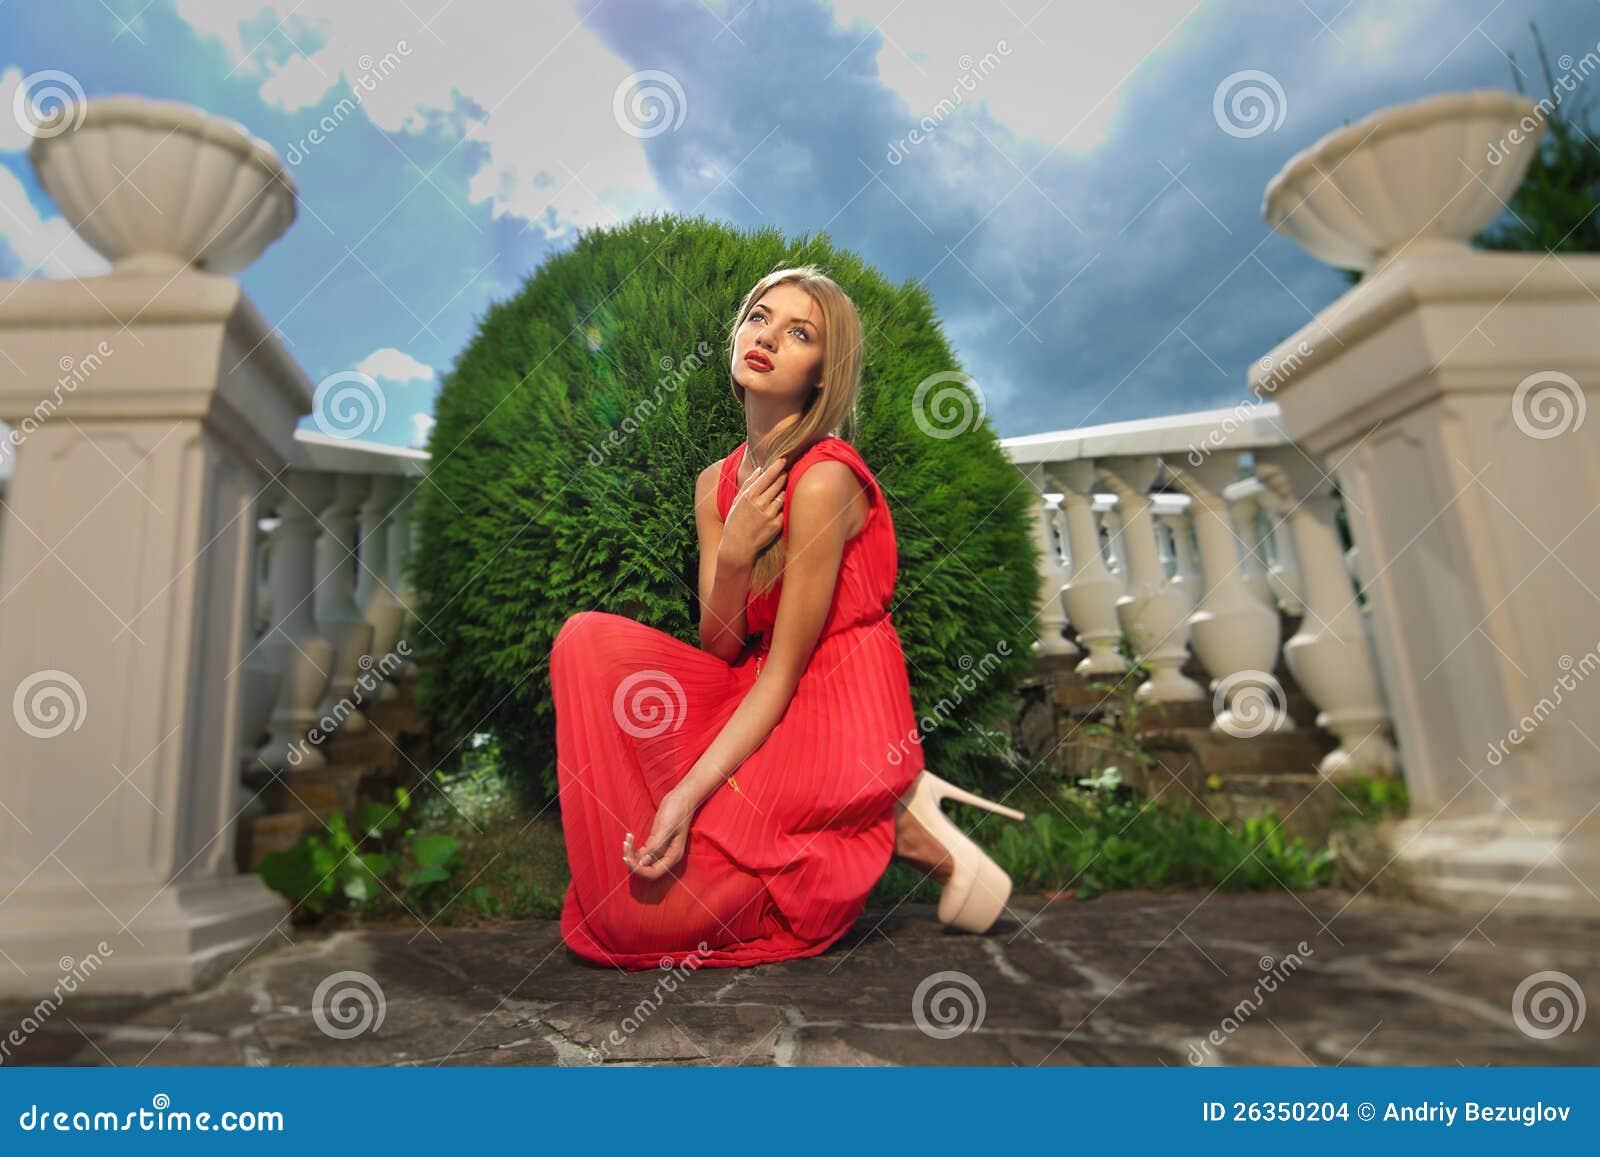 Junge Frau in einem roten Kleid